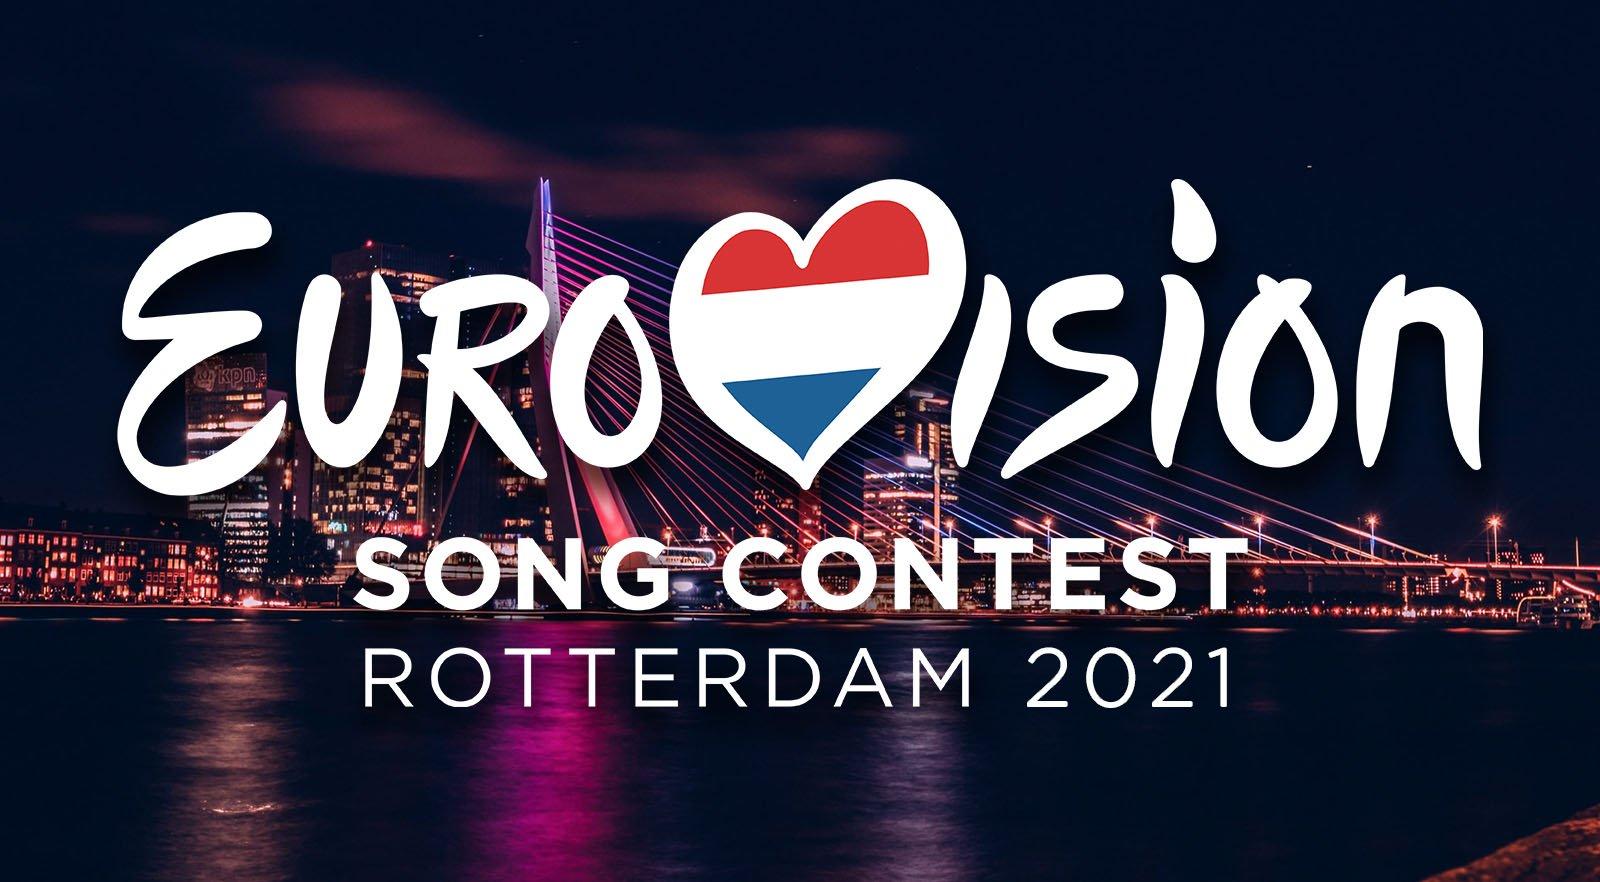 Eurovisie: Open up – Maak er je eigen feestje van